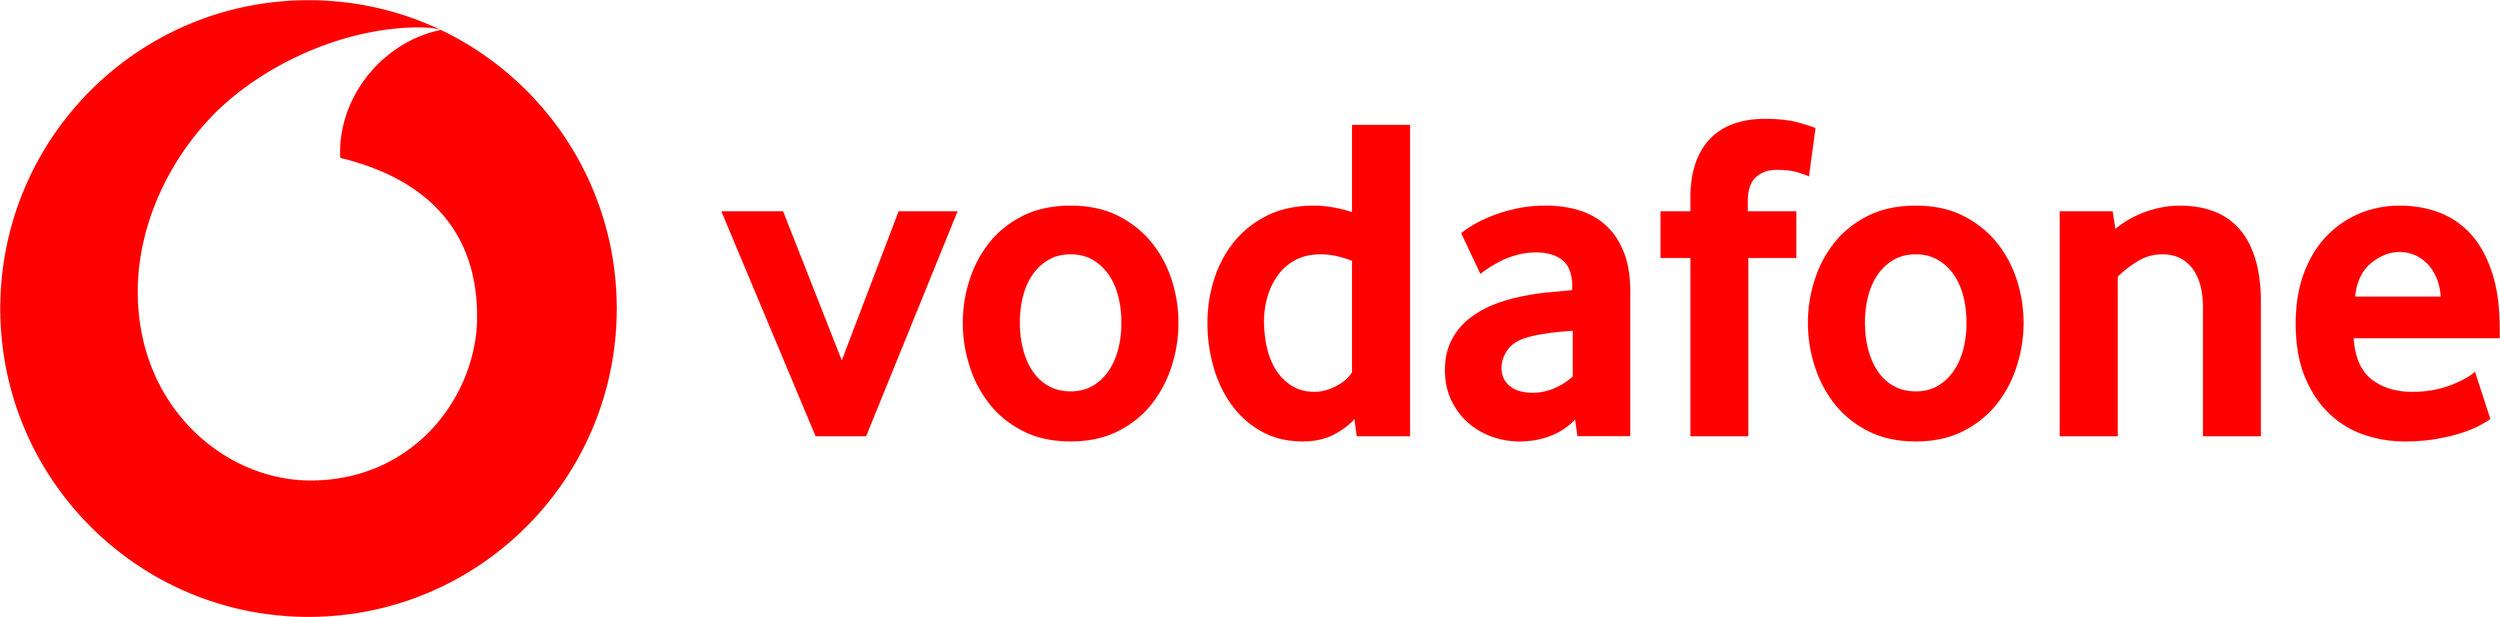 New_VF_Logo_Horiz_CMYK_RED.jpg